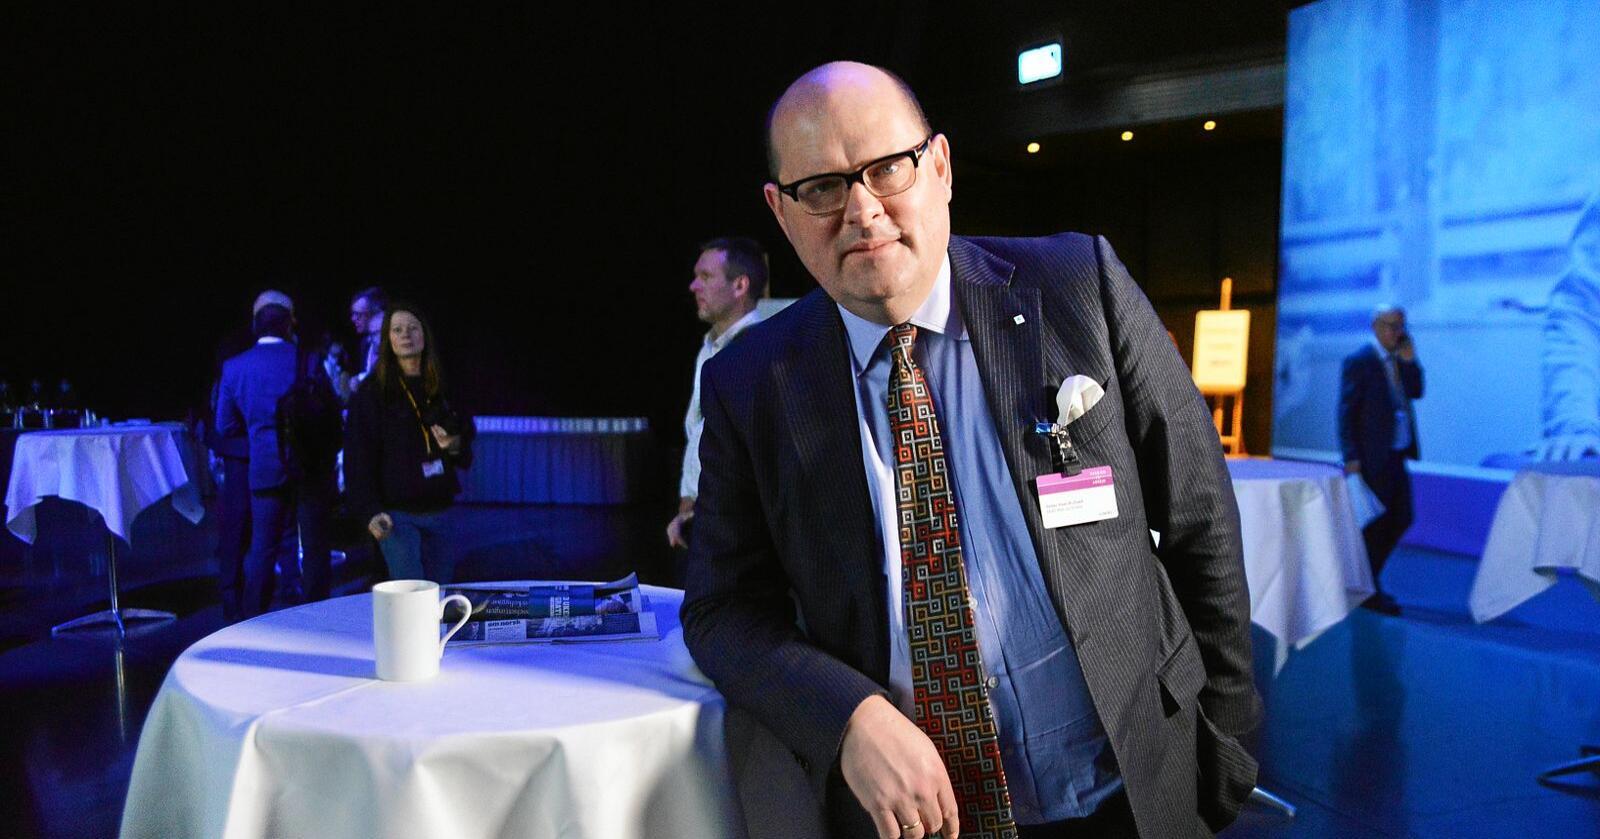 Det viktigste i tiden framover, mener administrerende direktør i NHO Mat og drikke, Petter Haas Brubakk er å sørge for at matforsyningen ut i kanalene er så normal som mulig, at man får det som skal i hyllene nettopp dit. Foto: Siri Juell Rasmussen